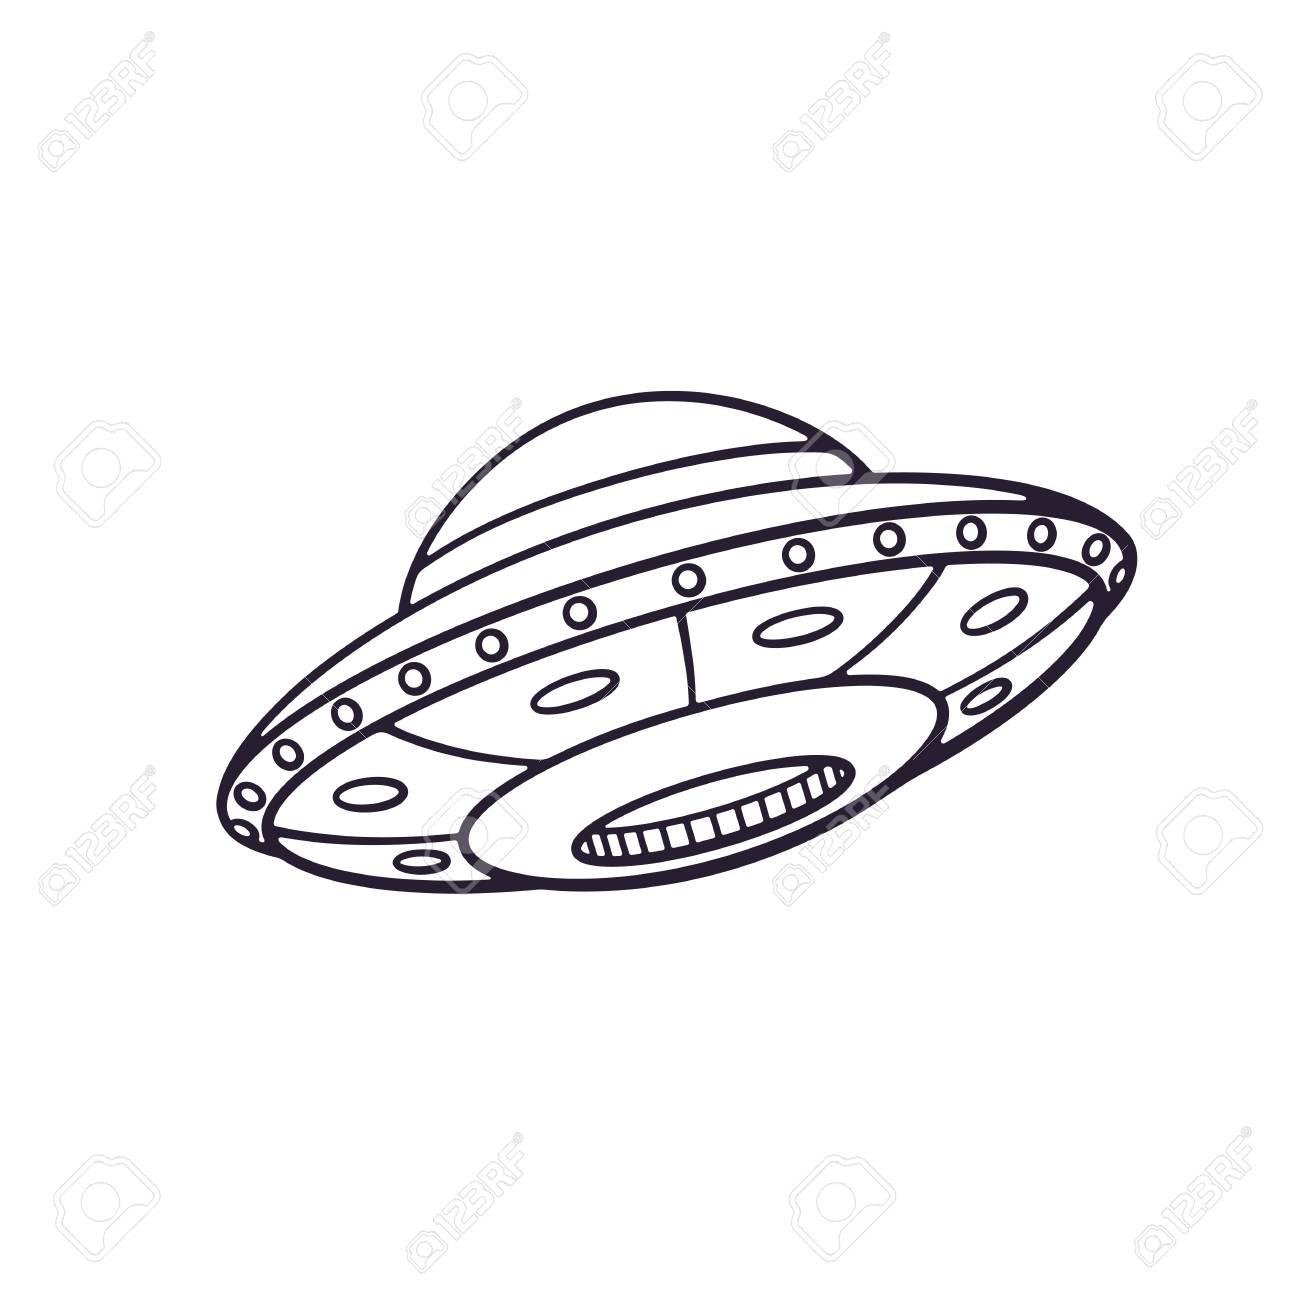 Dessin Vaisseau Spatial illustration vectorielle doodle dessinés à la main du vaisseau